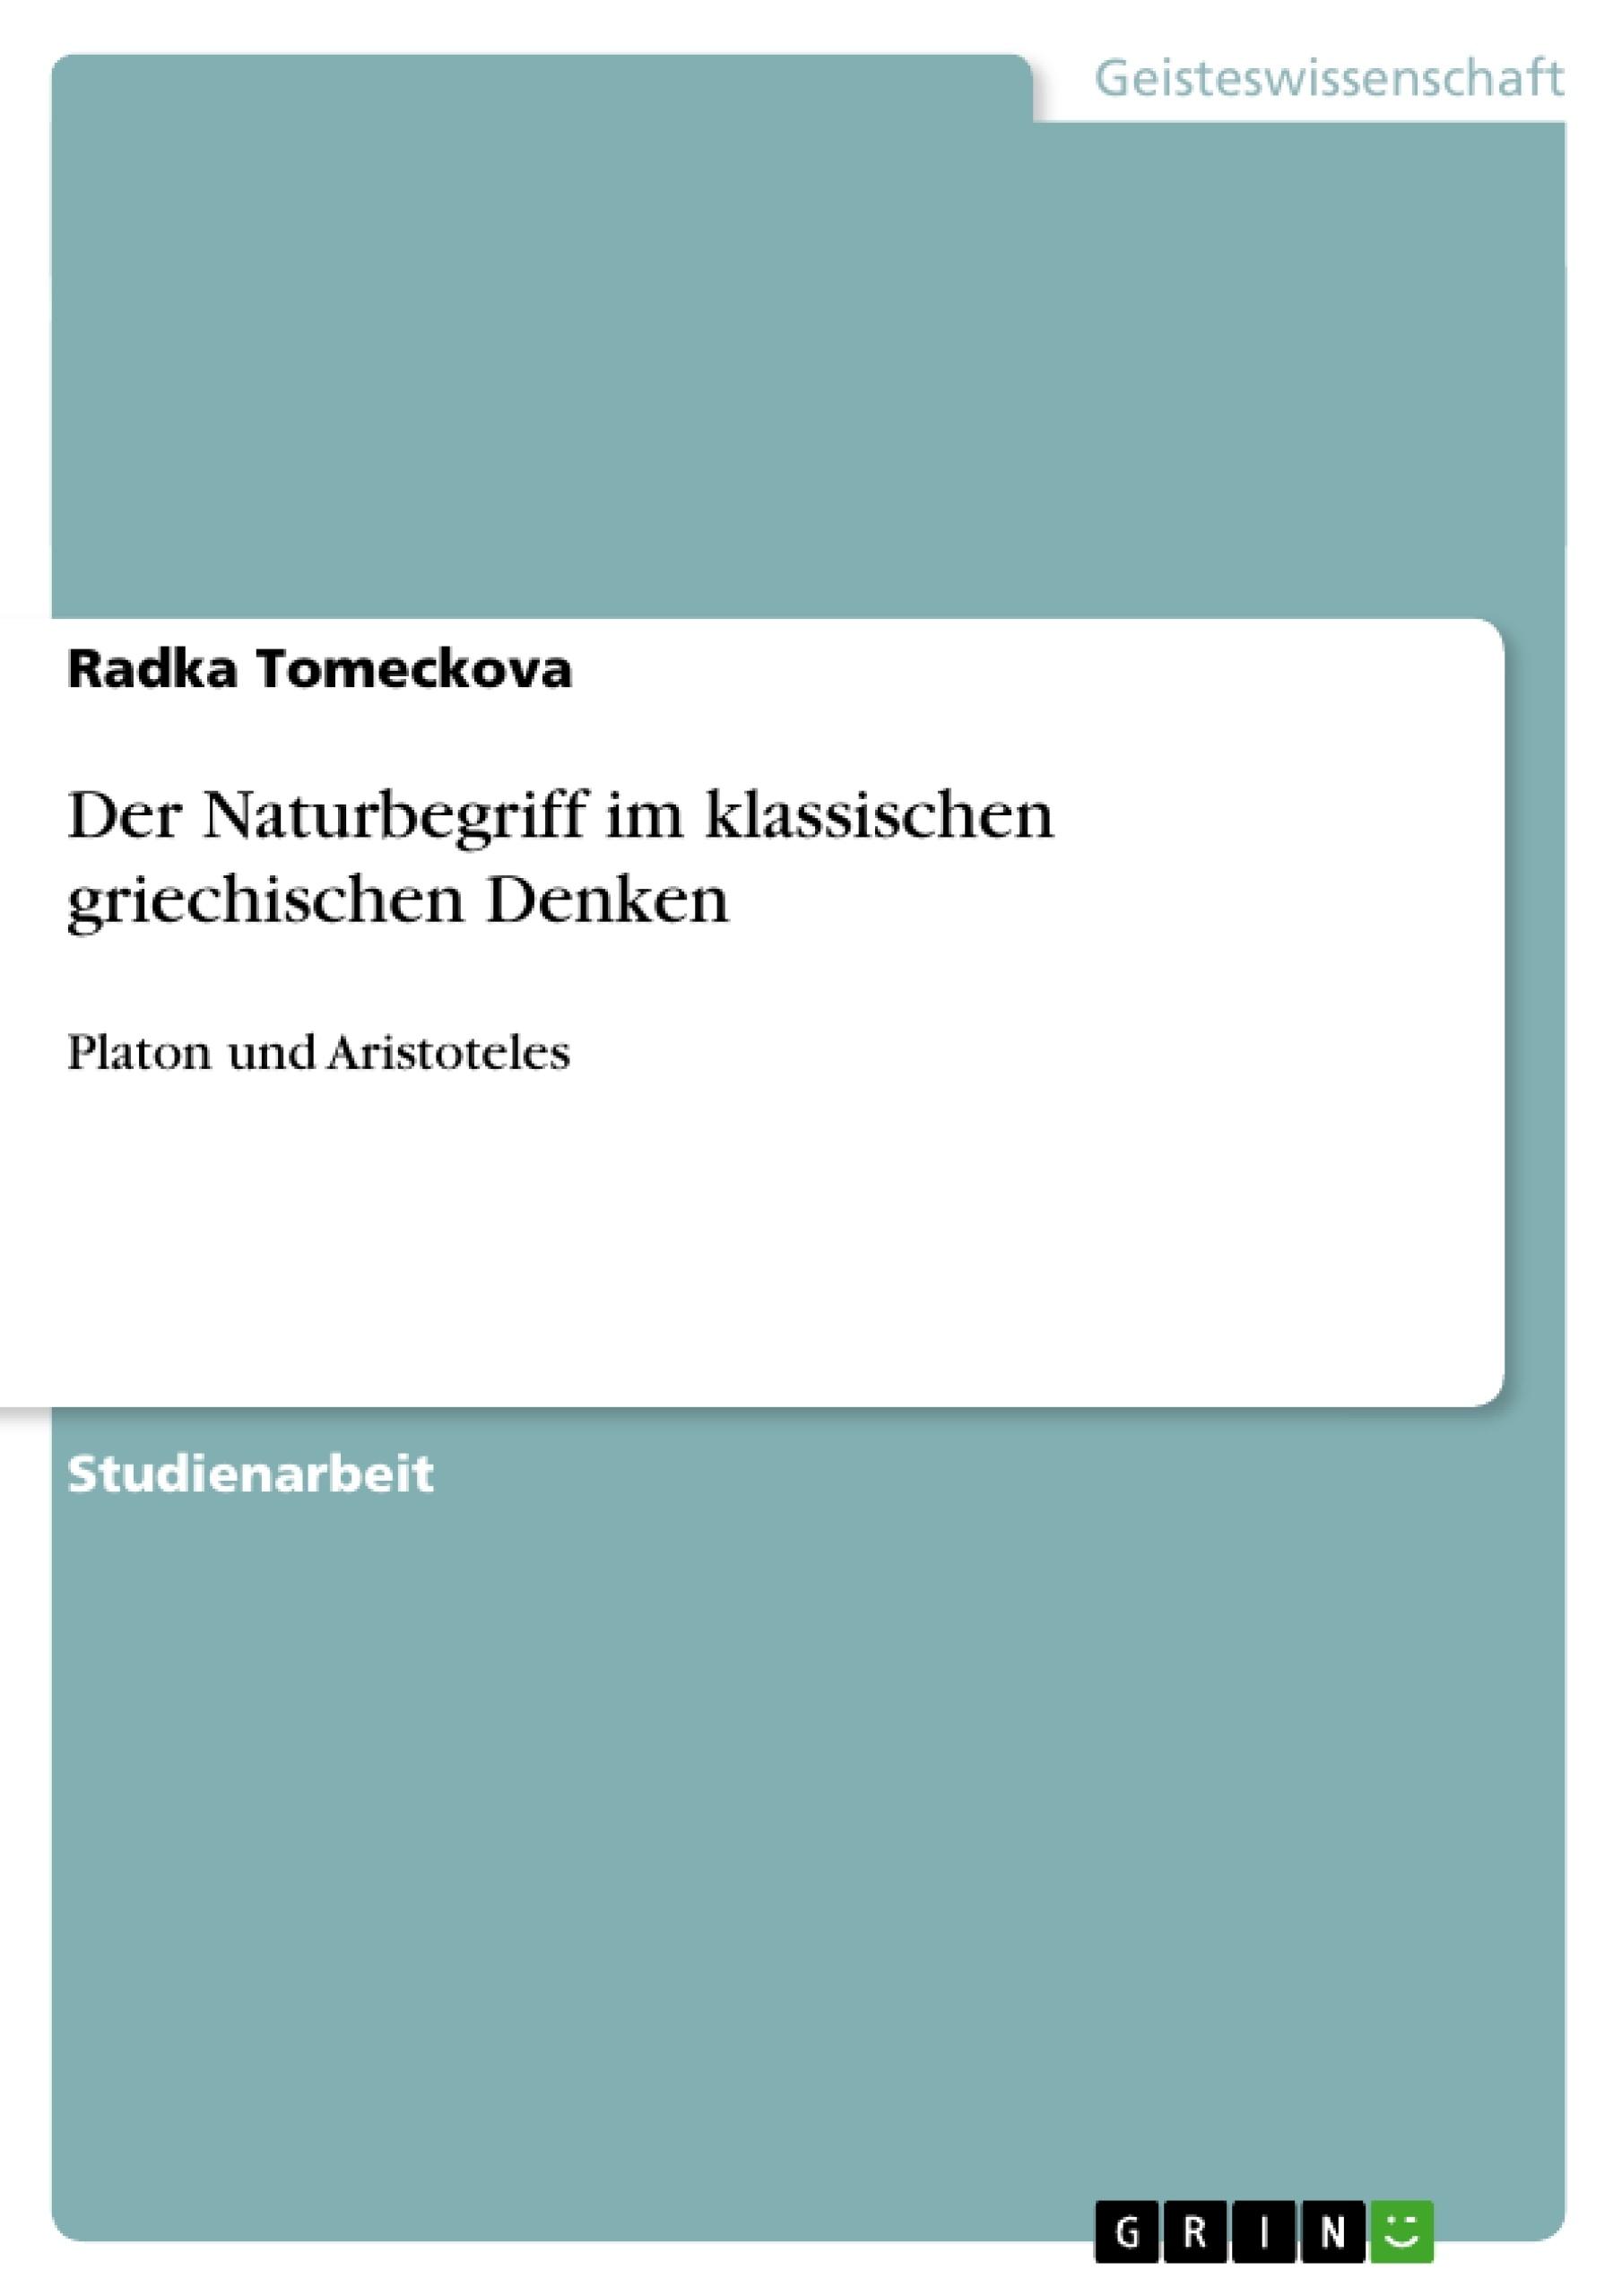 Titel: Der Naturbegriff im klassischen griechischen Denken